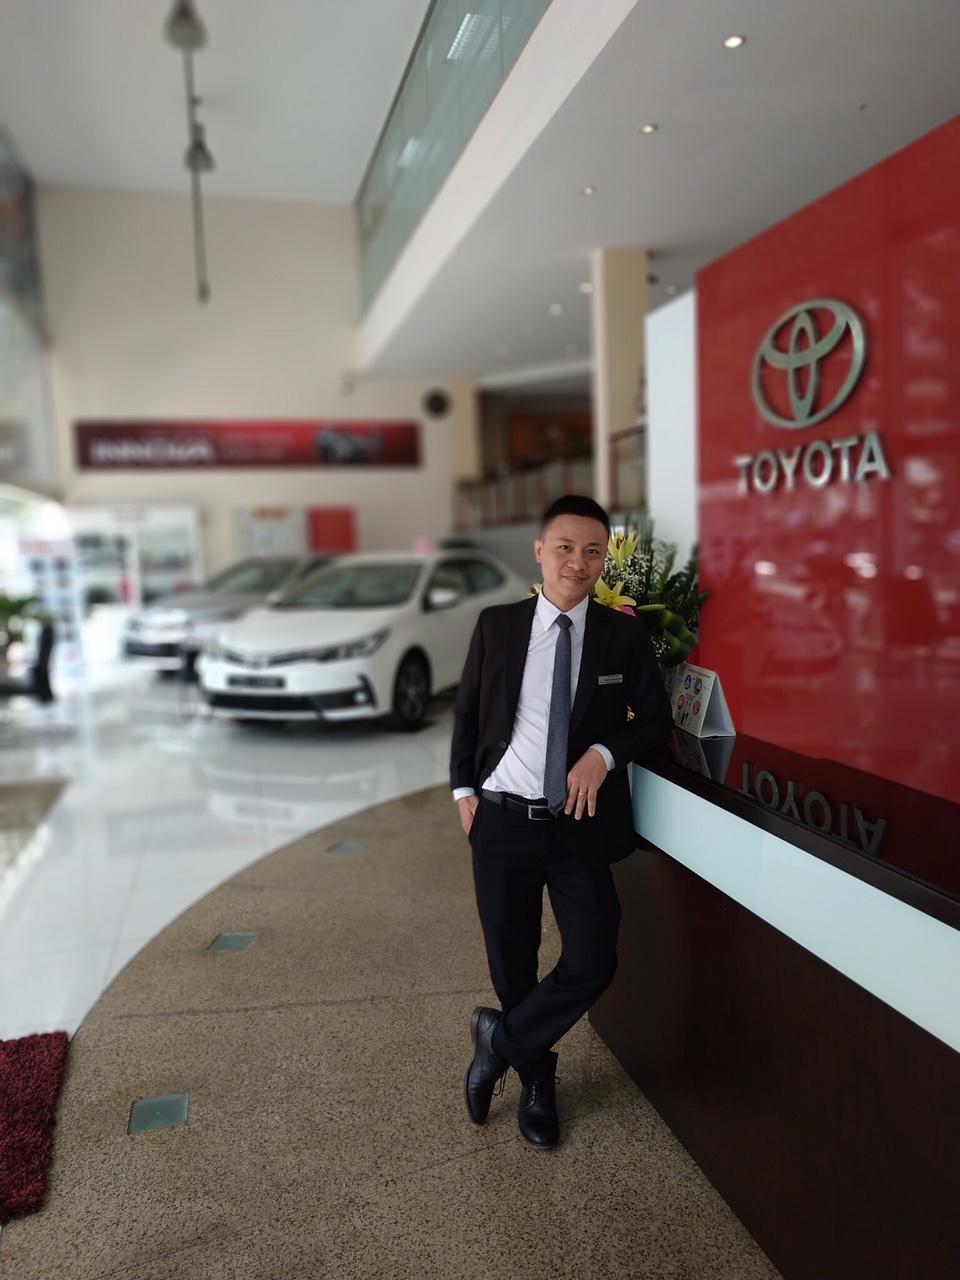 Toyota Camry 2018 dành cho châu Á? Có dành cho thị trường việt nam